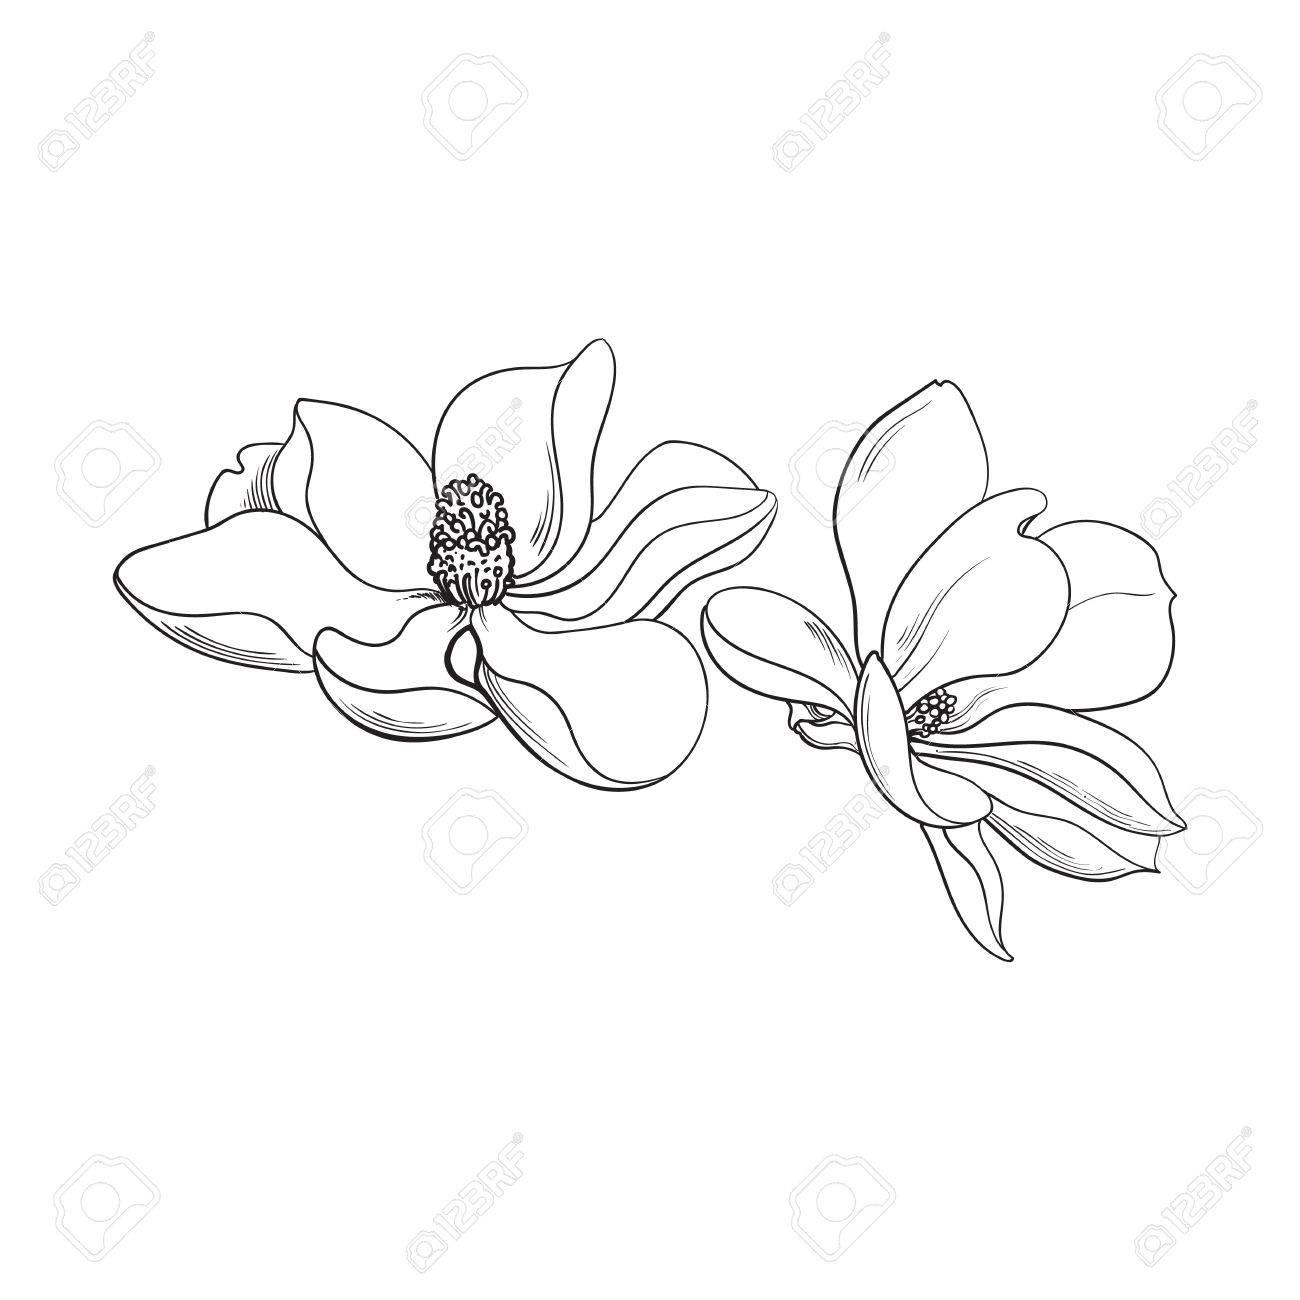 Dos Flores De Magnolia Estilo De Boceto Ilustracion Vectorial